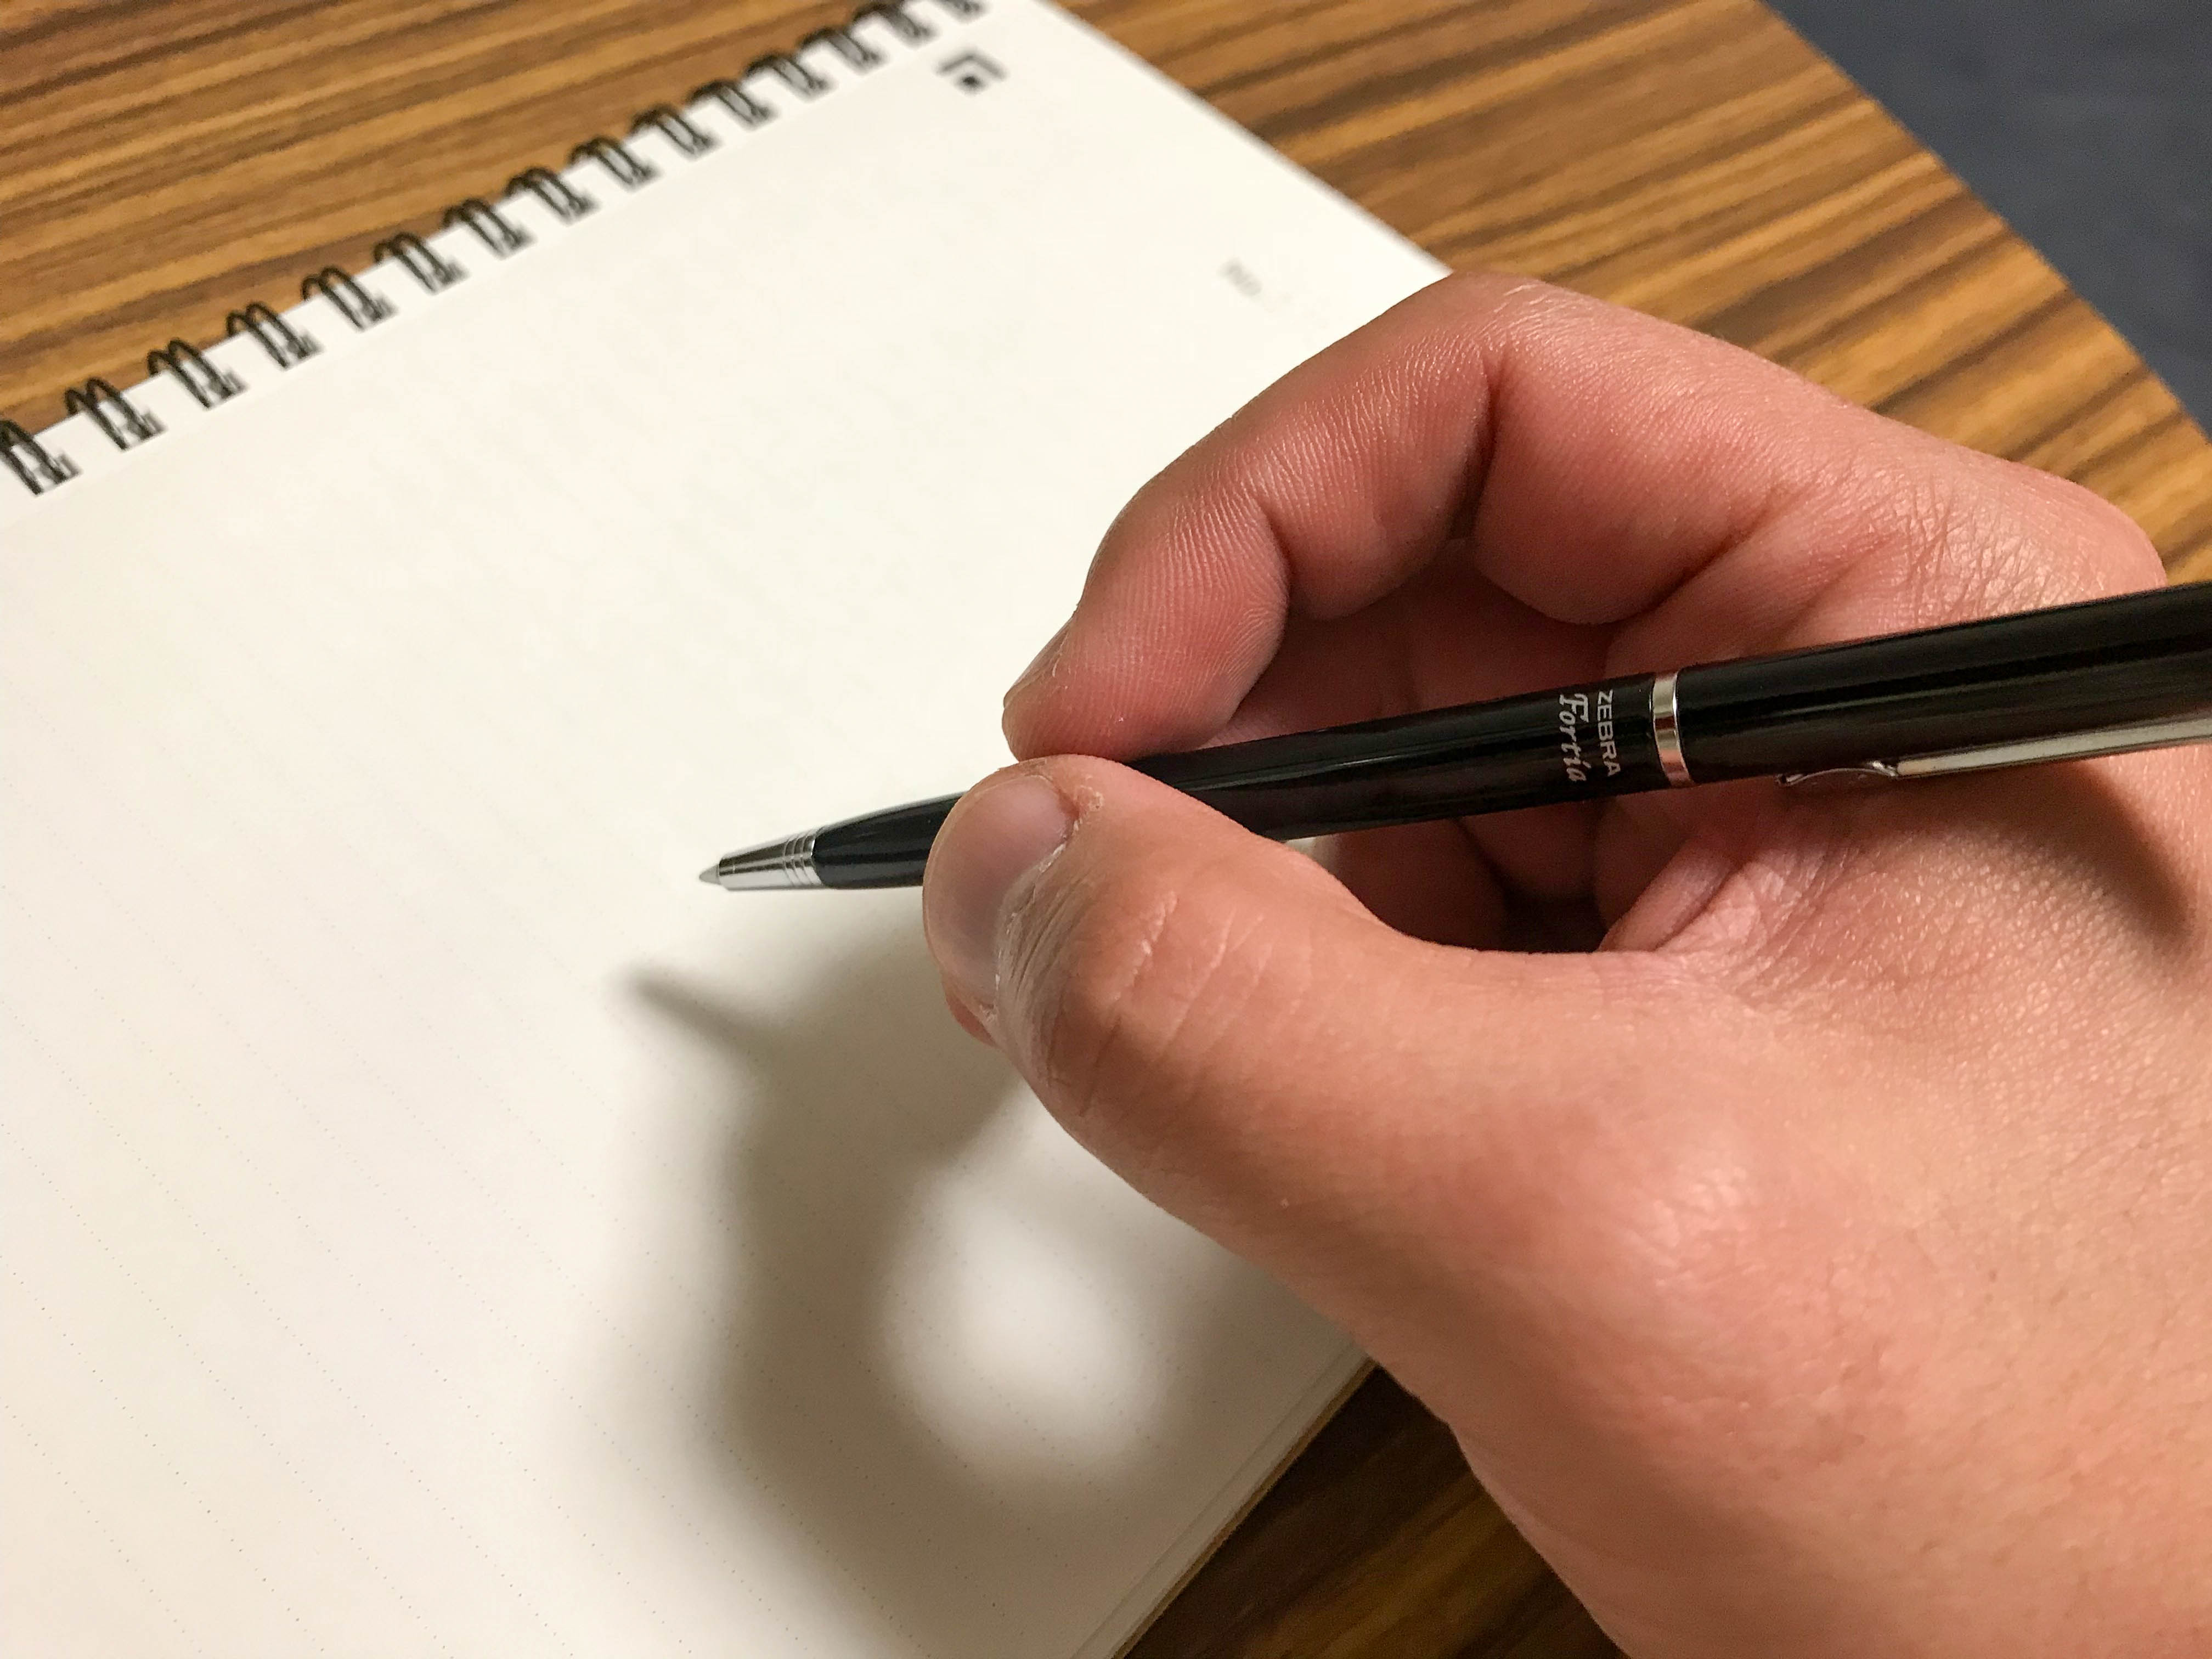 ゼブラのボールペン【フォルティア】 。コスパと値段以上の高級感を求めるならこの一本!